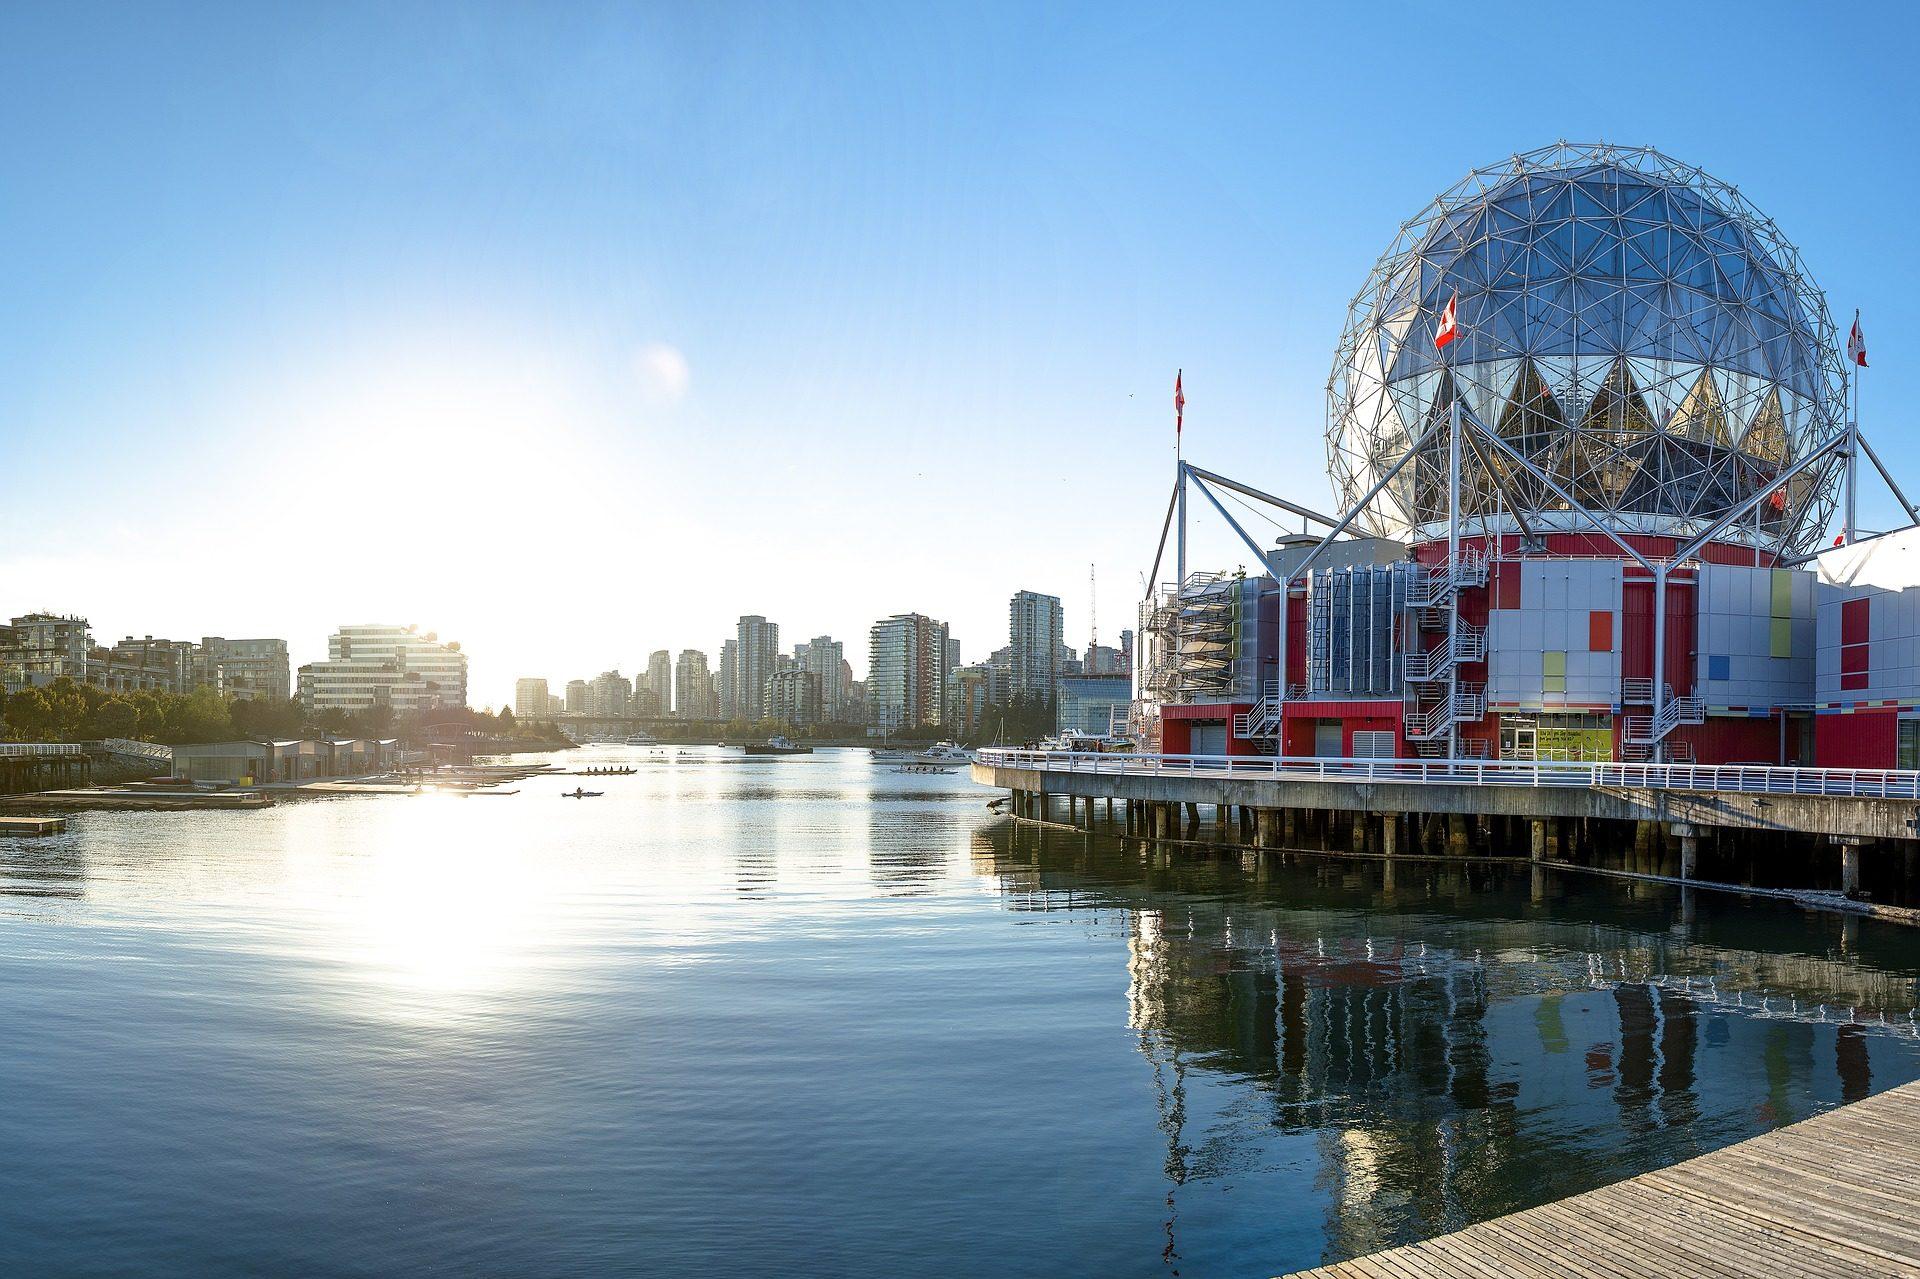 Μουσείο, Επιστήμη, αρχιτεκτονική, Πόλη, Βανκούβερ, Καναδάς - Wallpapers HD - Professor-falken.com